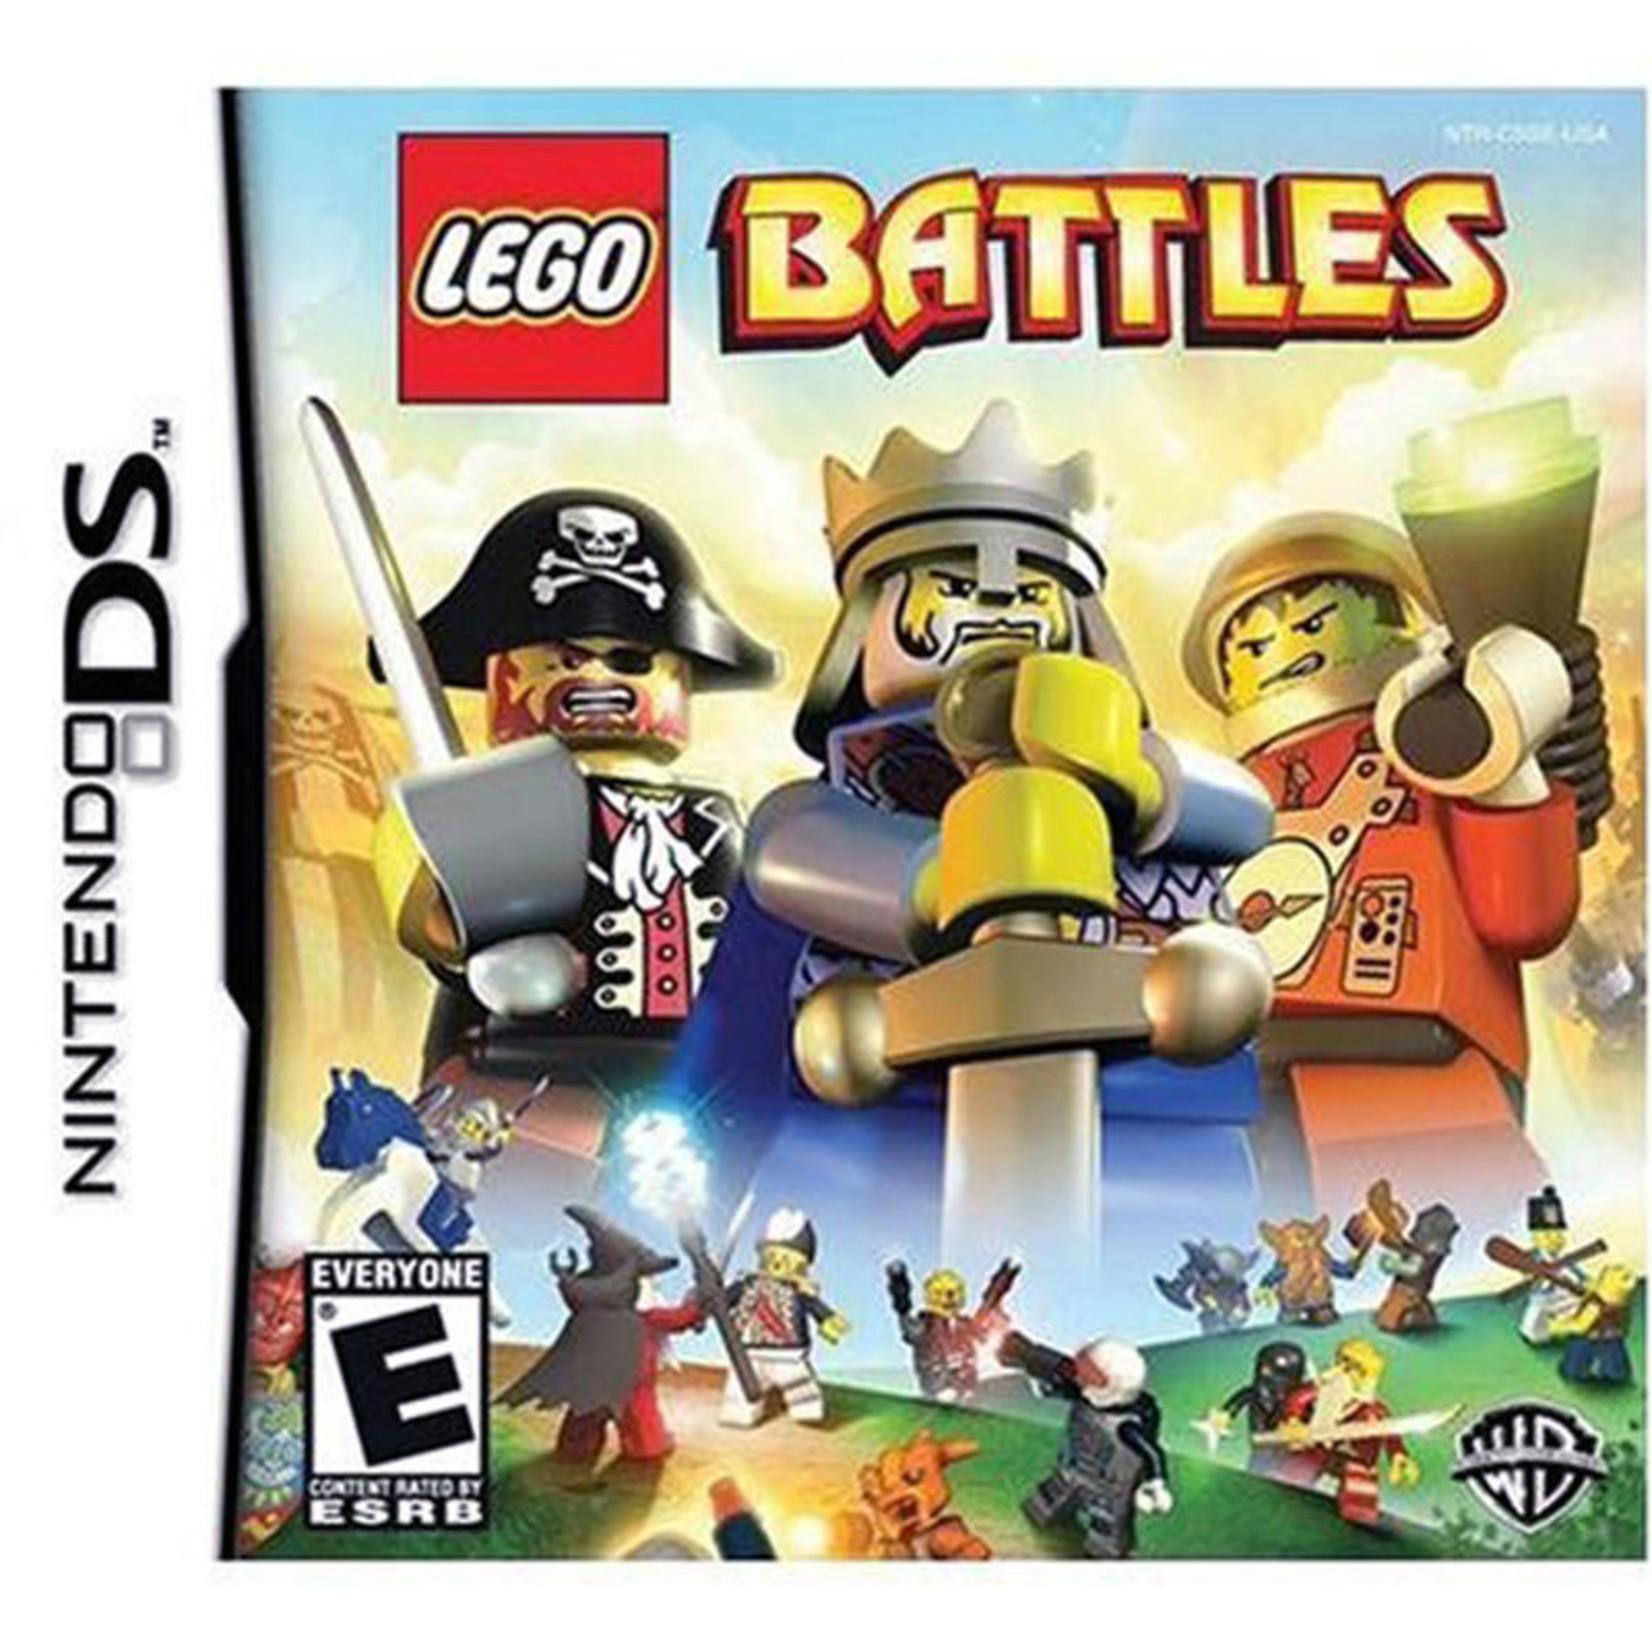 DSU-Lego Battles